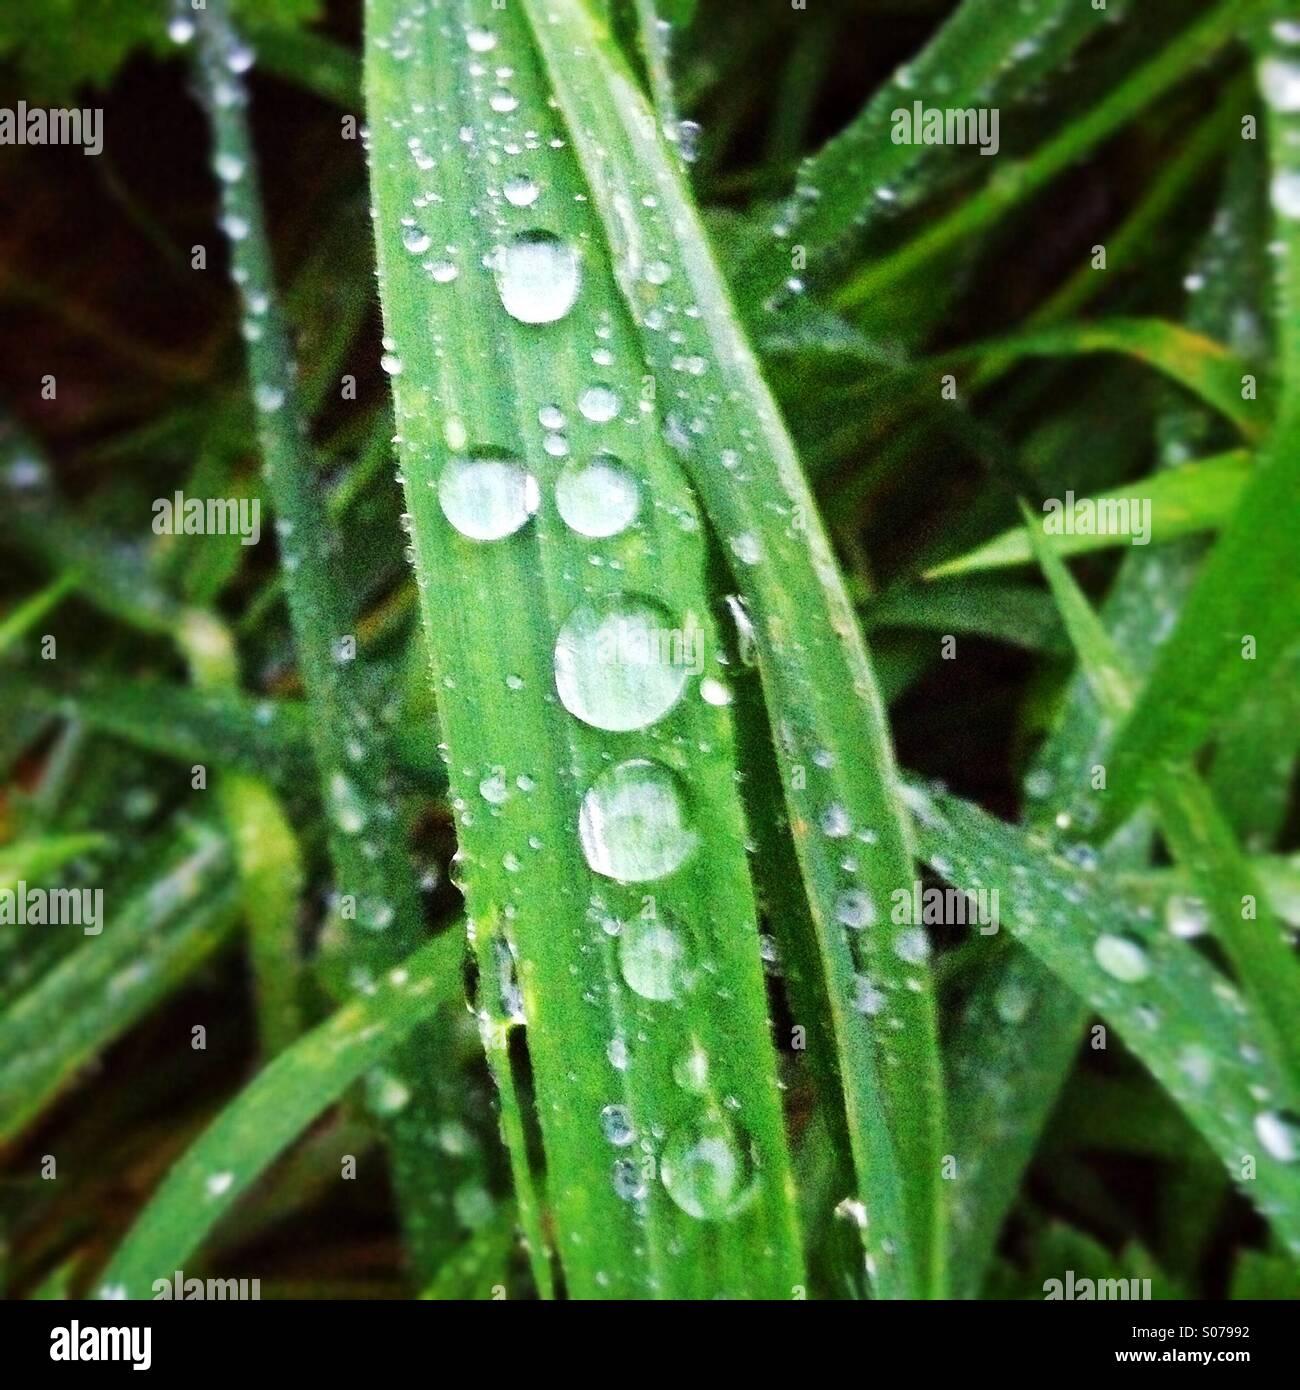 Les gouttelettes d'eau sur un brin d'herbe Photo Stock